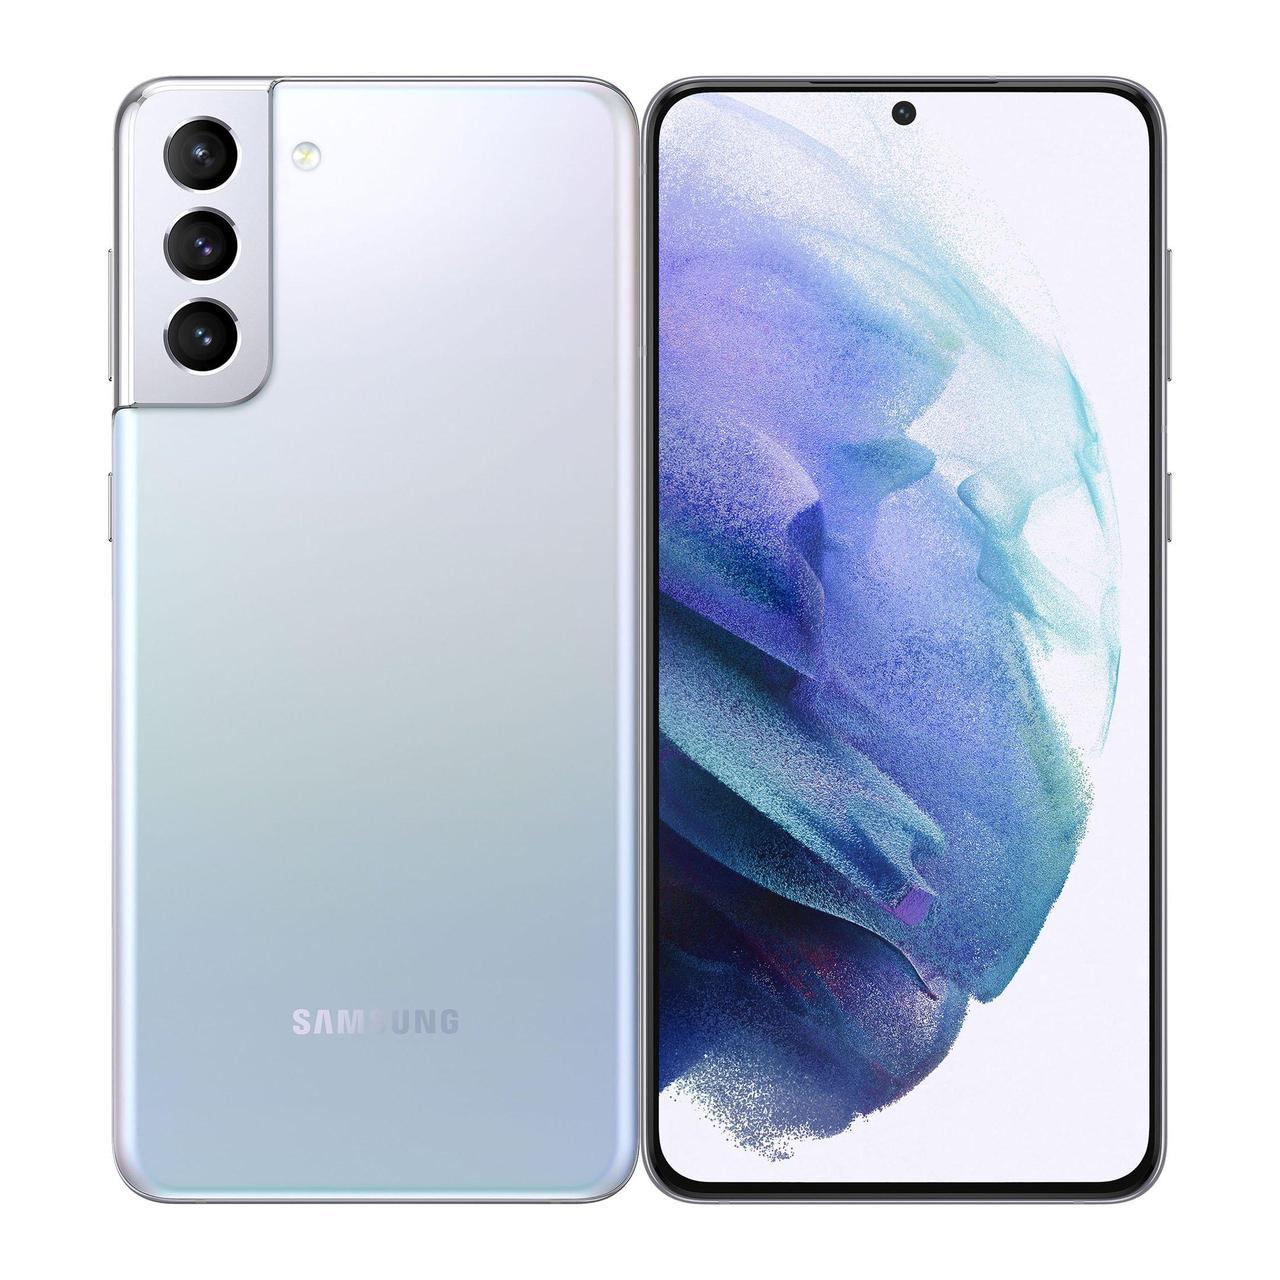 Samsung Galaxy S21 5G 8/128GB Silver